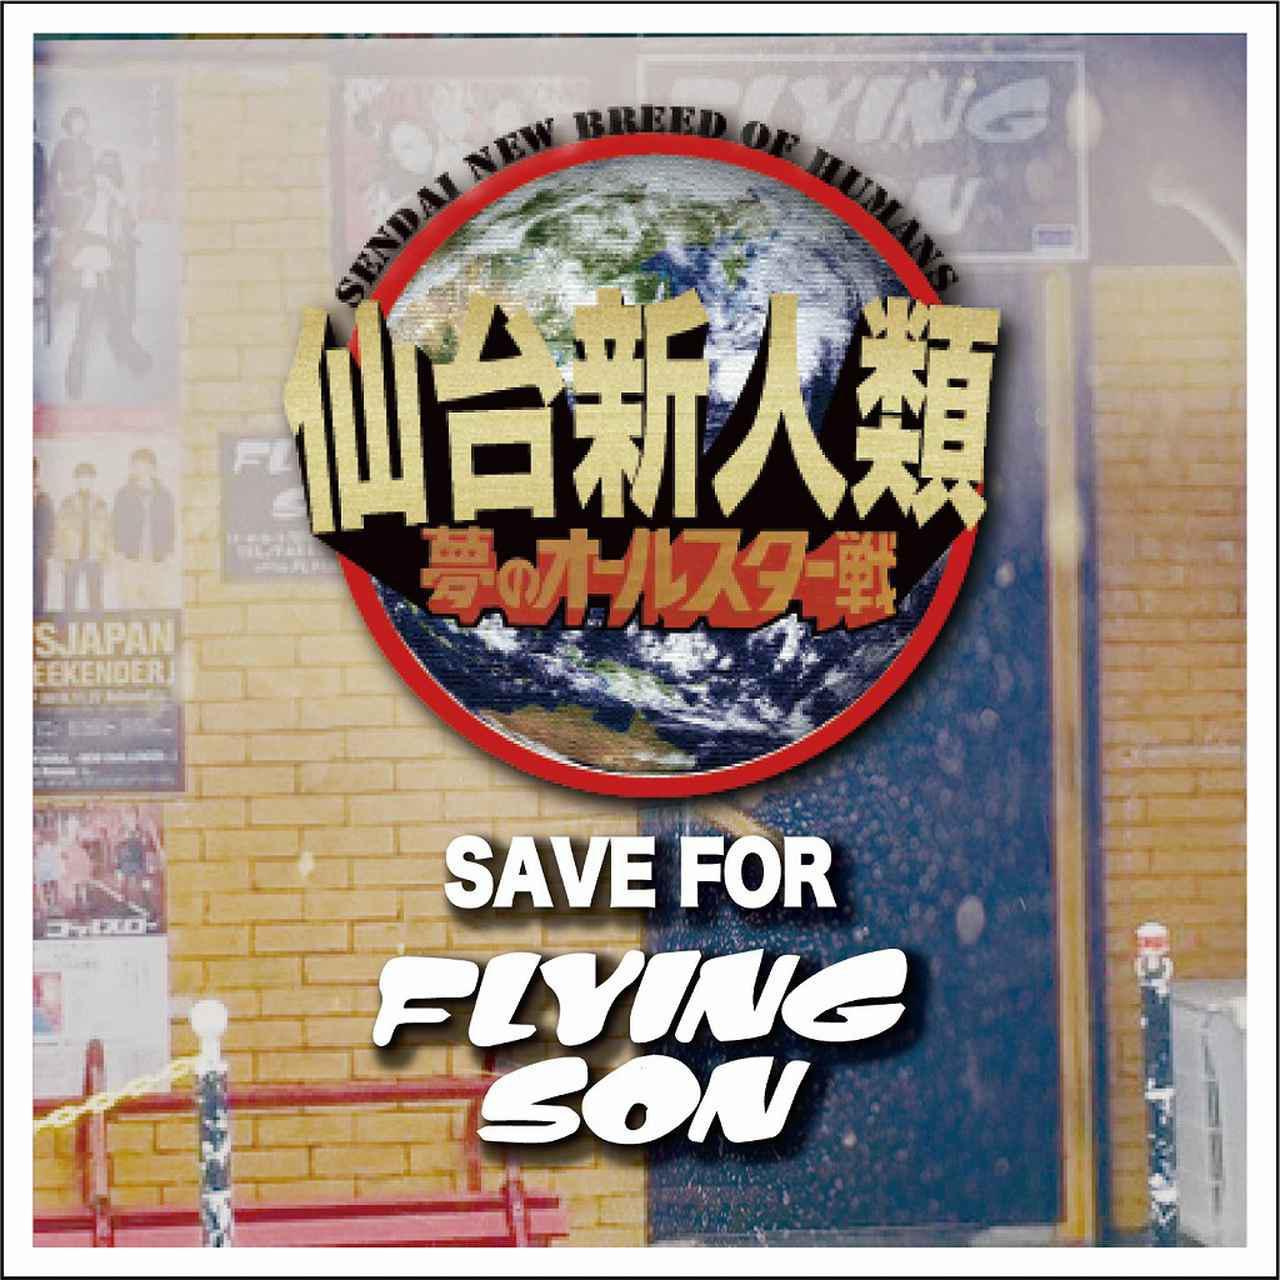 画像: 仙台新人類 SAVE FOR FLYING SON / UNITED BANANA , 勃発 , 鉄風東京 , WITH US , Burroughs , woopie groupie , THE ARNOLDS , おかあさんと一生 , ミミドルアル , sugarman , ソンソン弁当箱